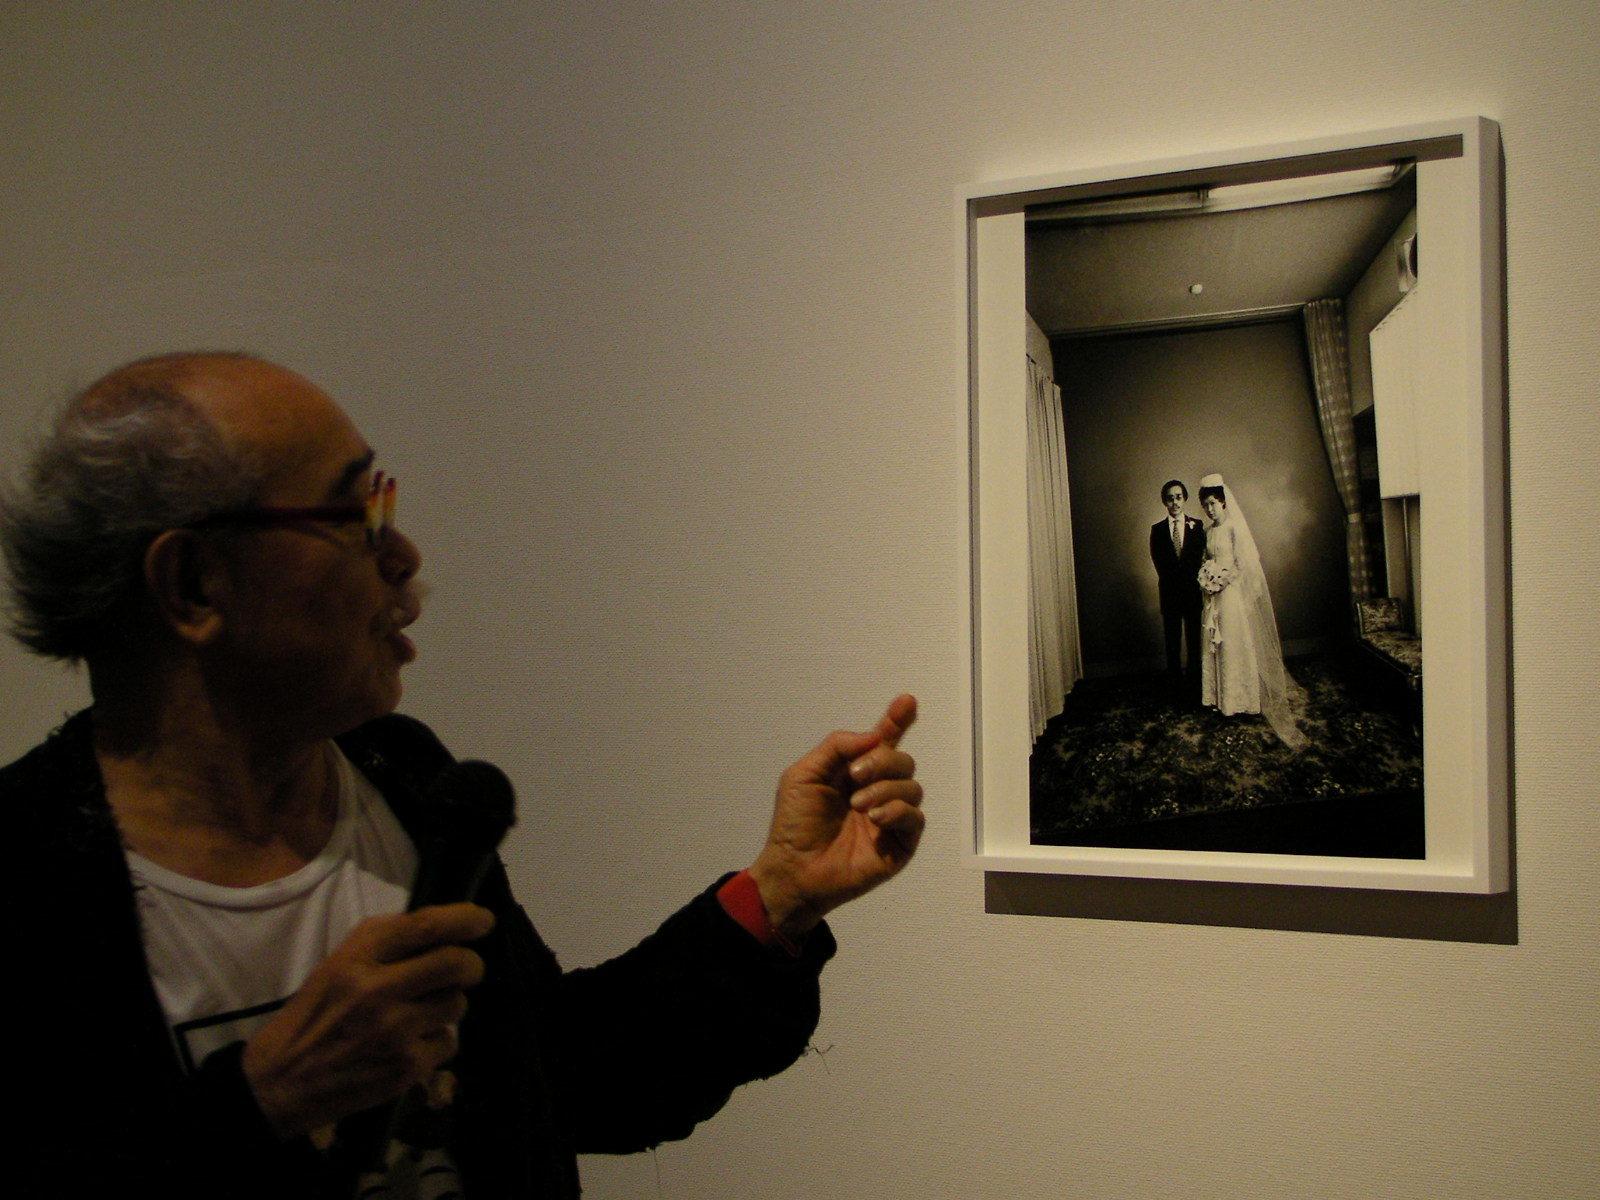 結婚式の写真は私家版写真集『センチメンタルな旅』の表紙に使われた。